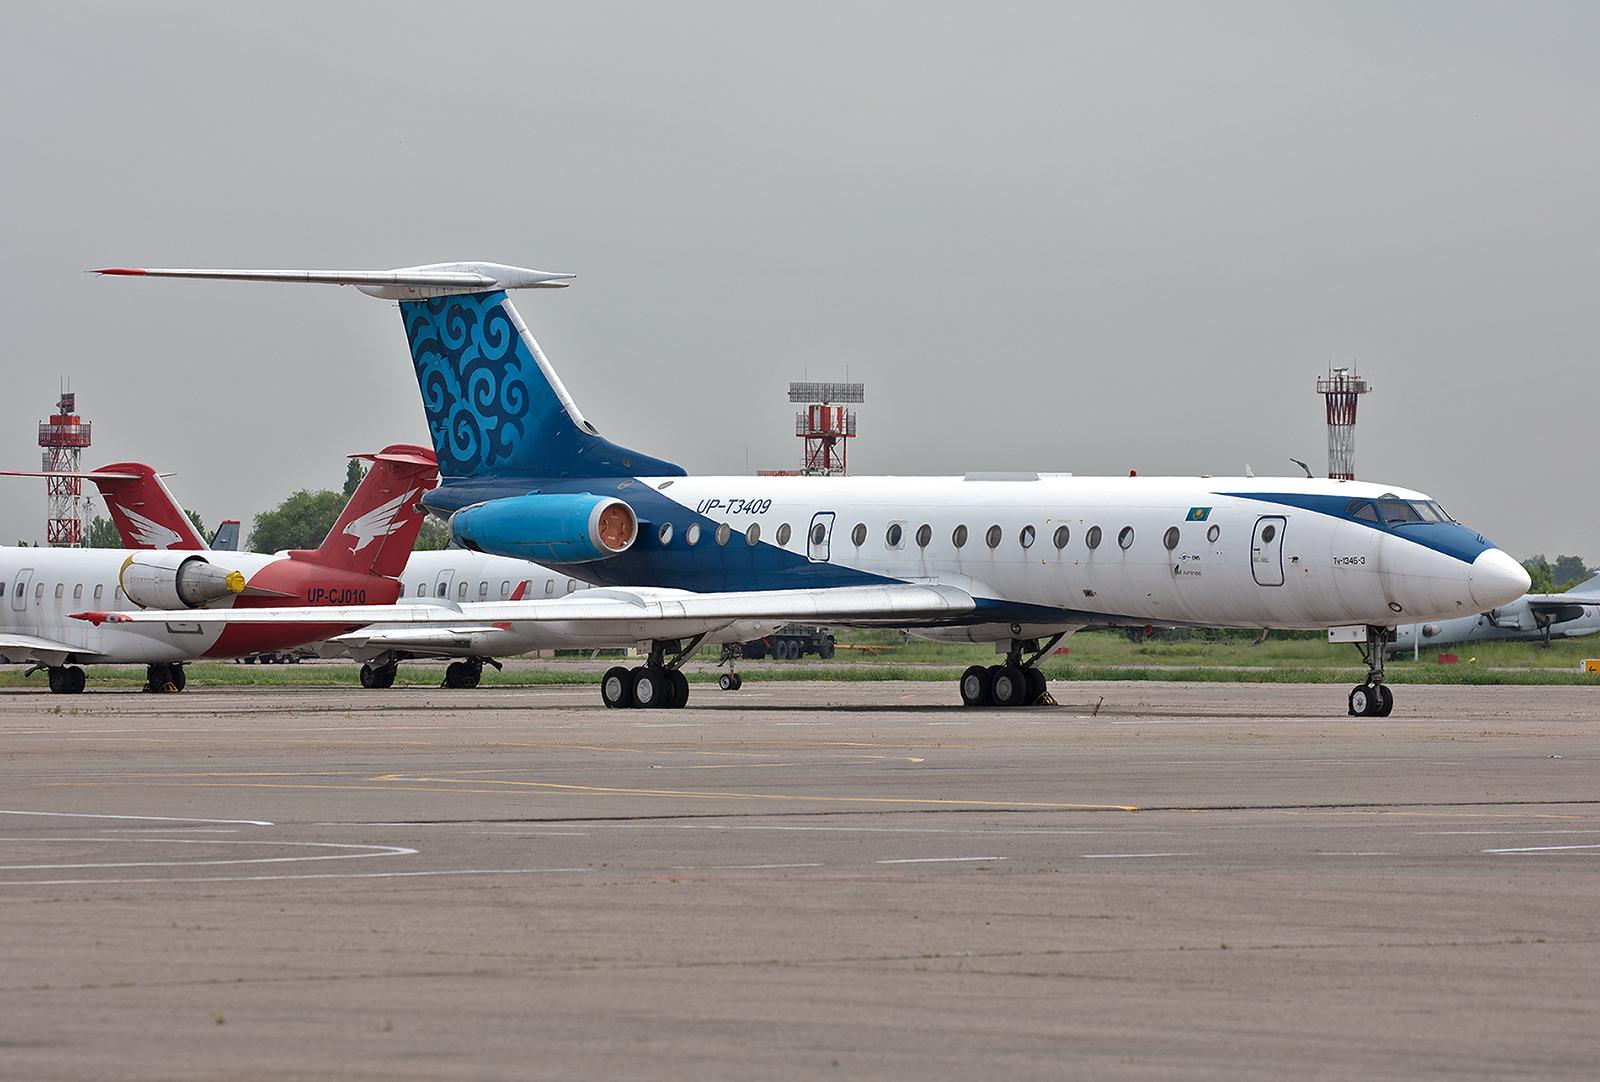 Diese Tupolev Tu-134 der Euto-Asia Air steht zum Verkauf.